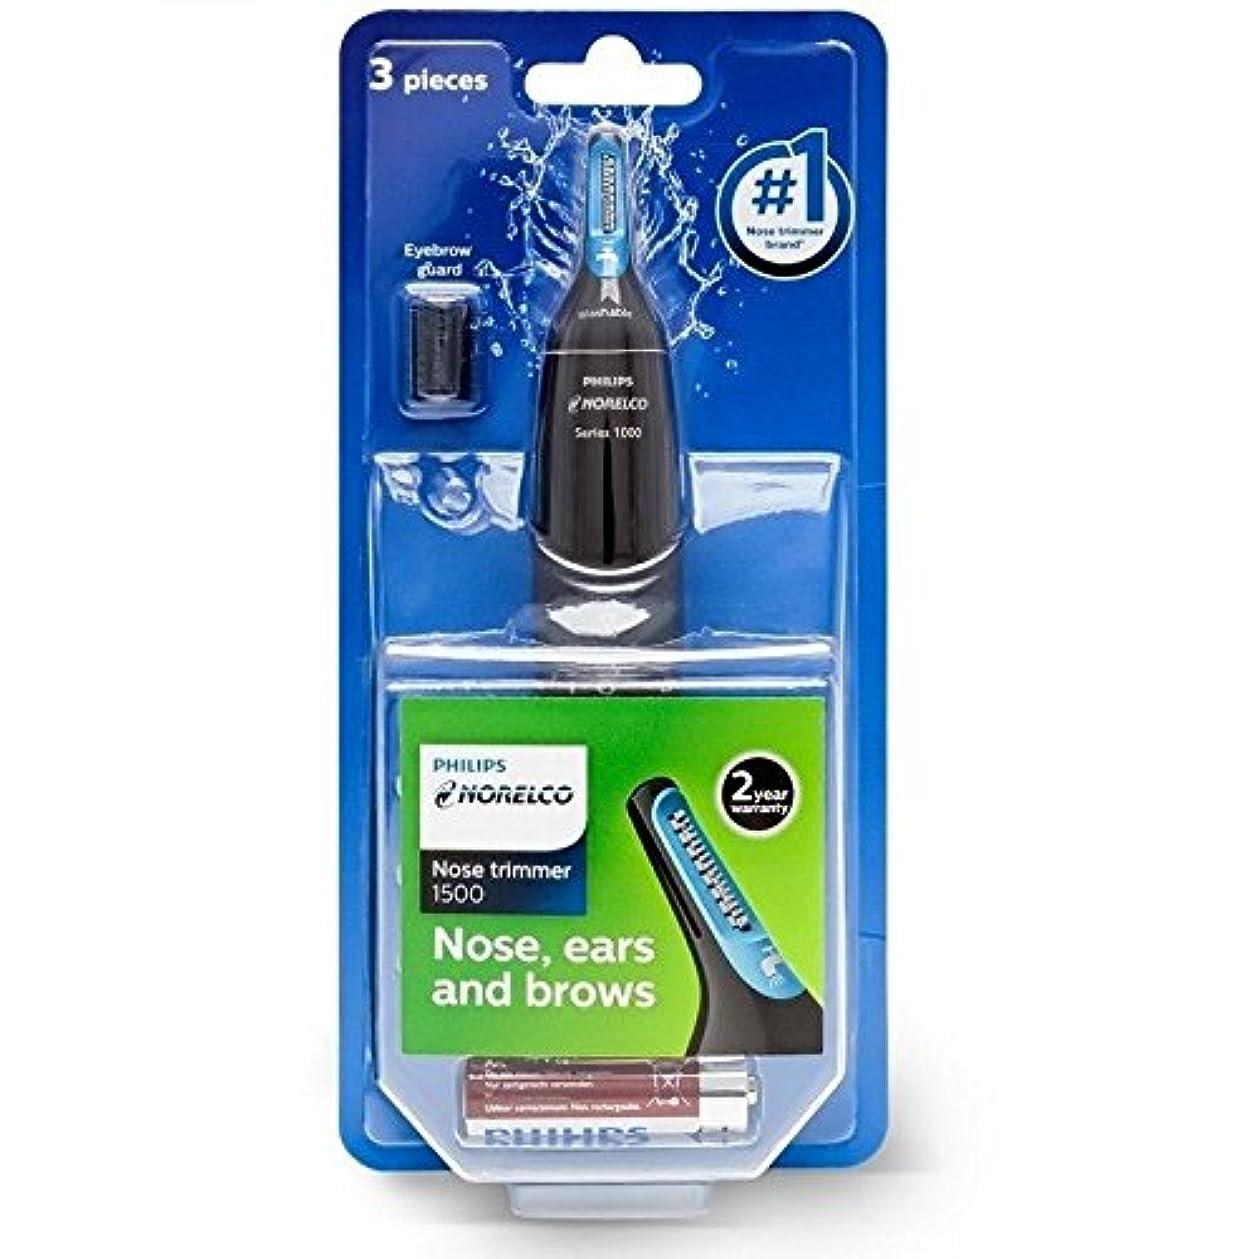 痛みハンディキャップ協力的Philips Norelco NT1500 鼻/耳&眉毛トリマー series 1000 [並行輸入品]